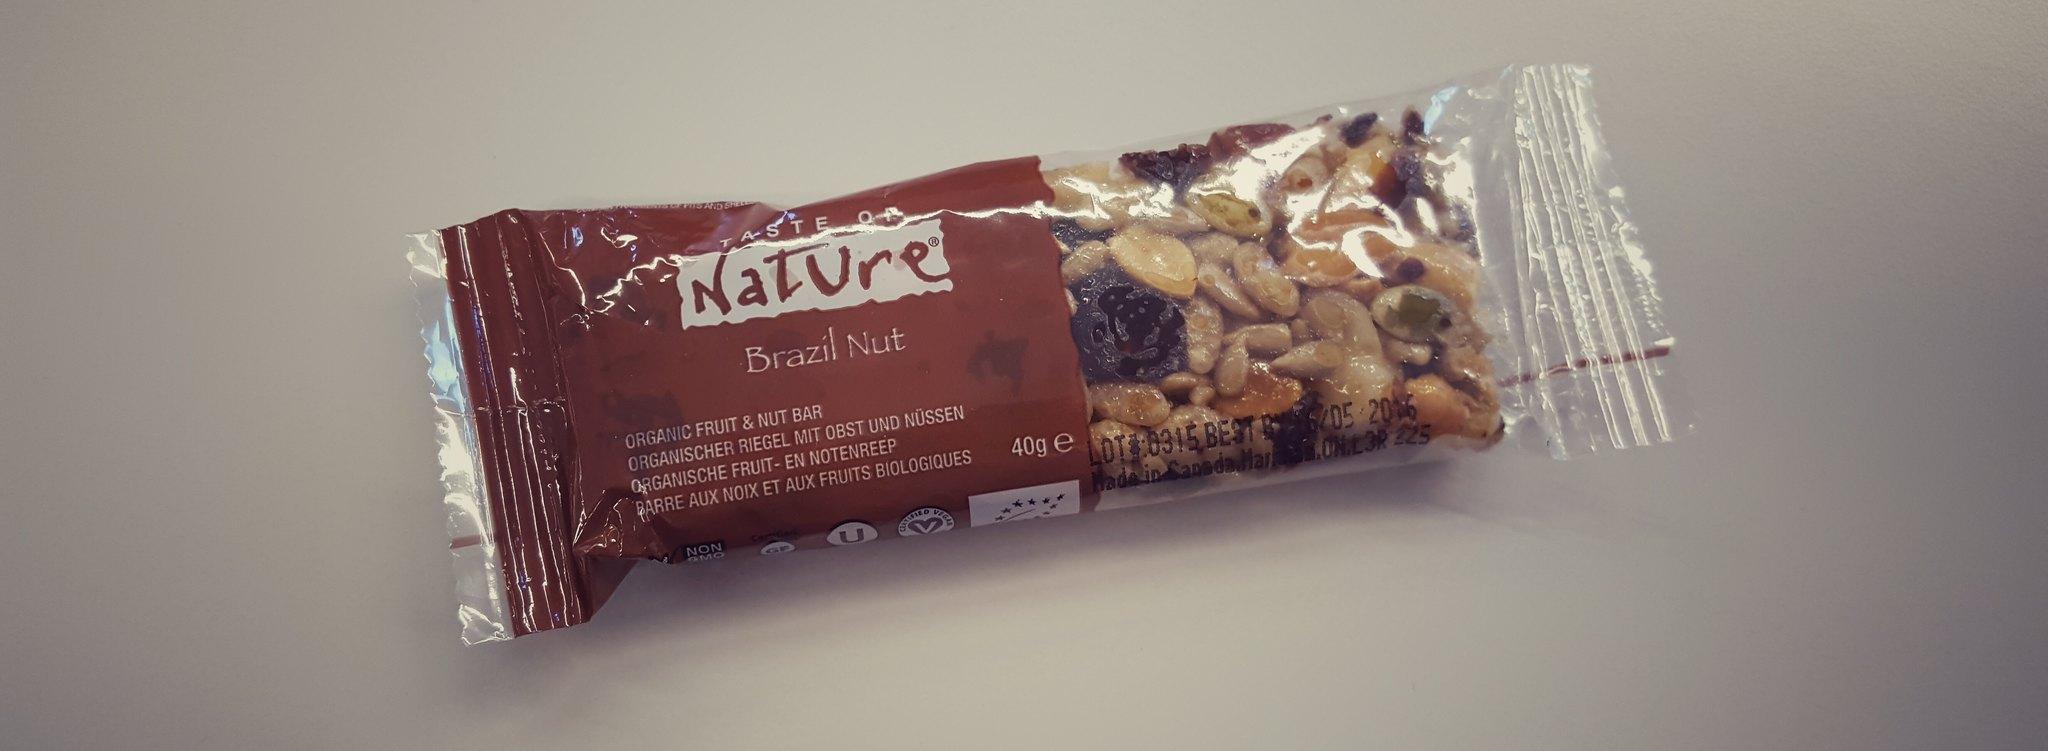 Taste of Nature - Brazil Nut